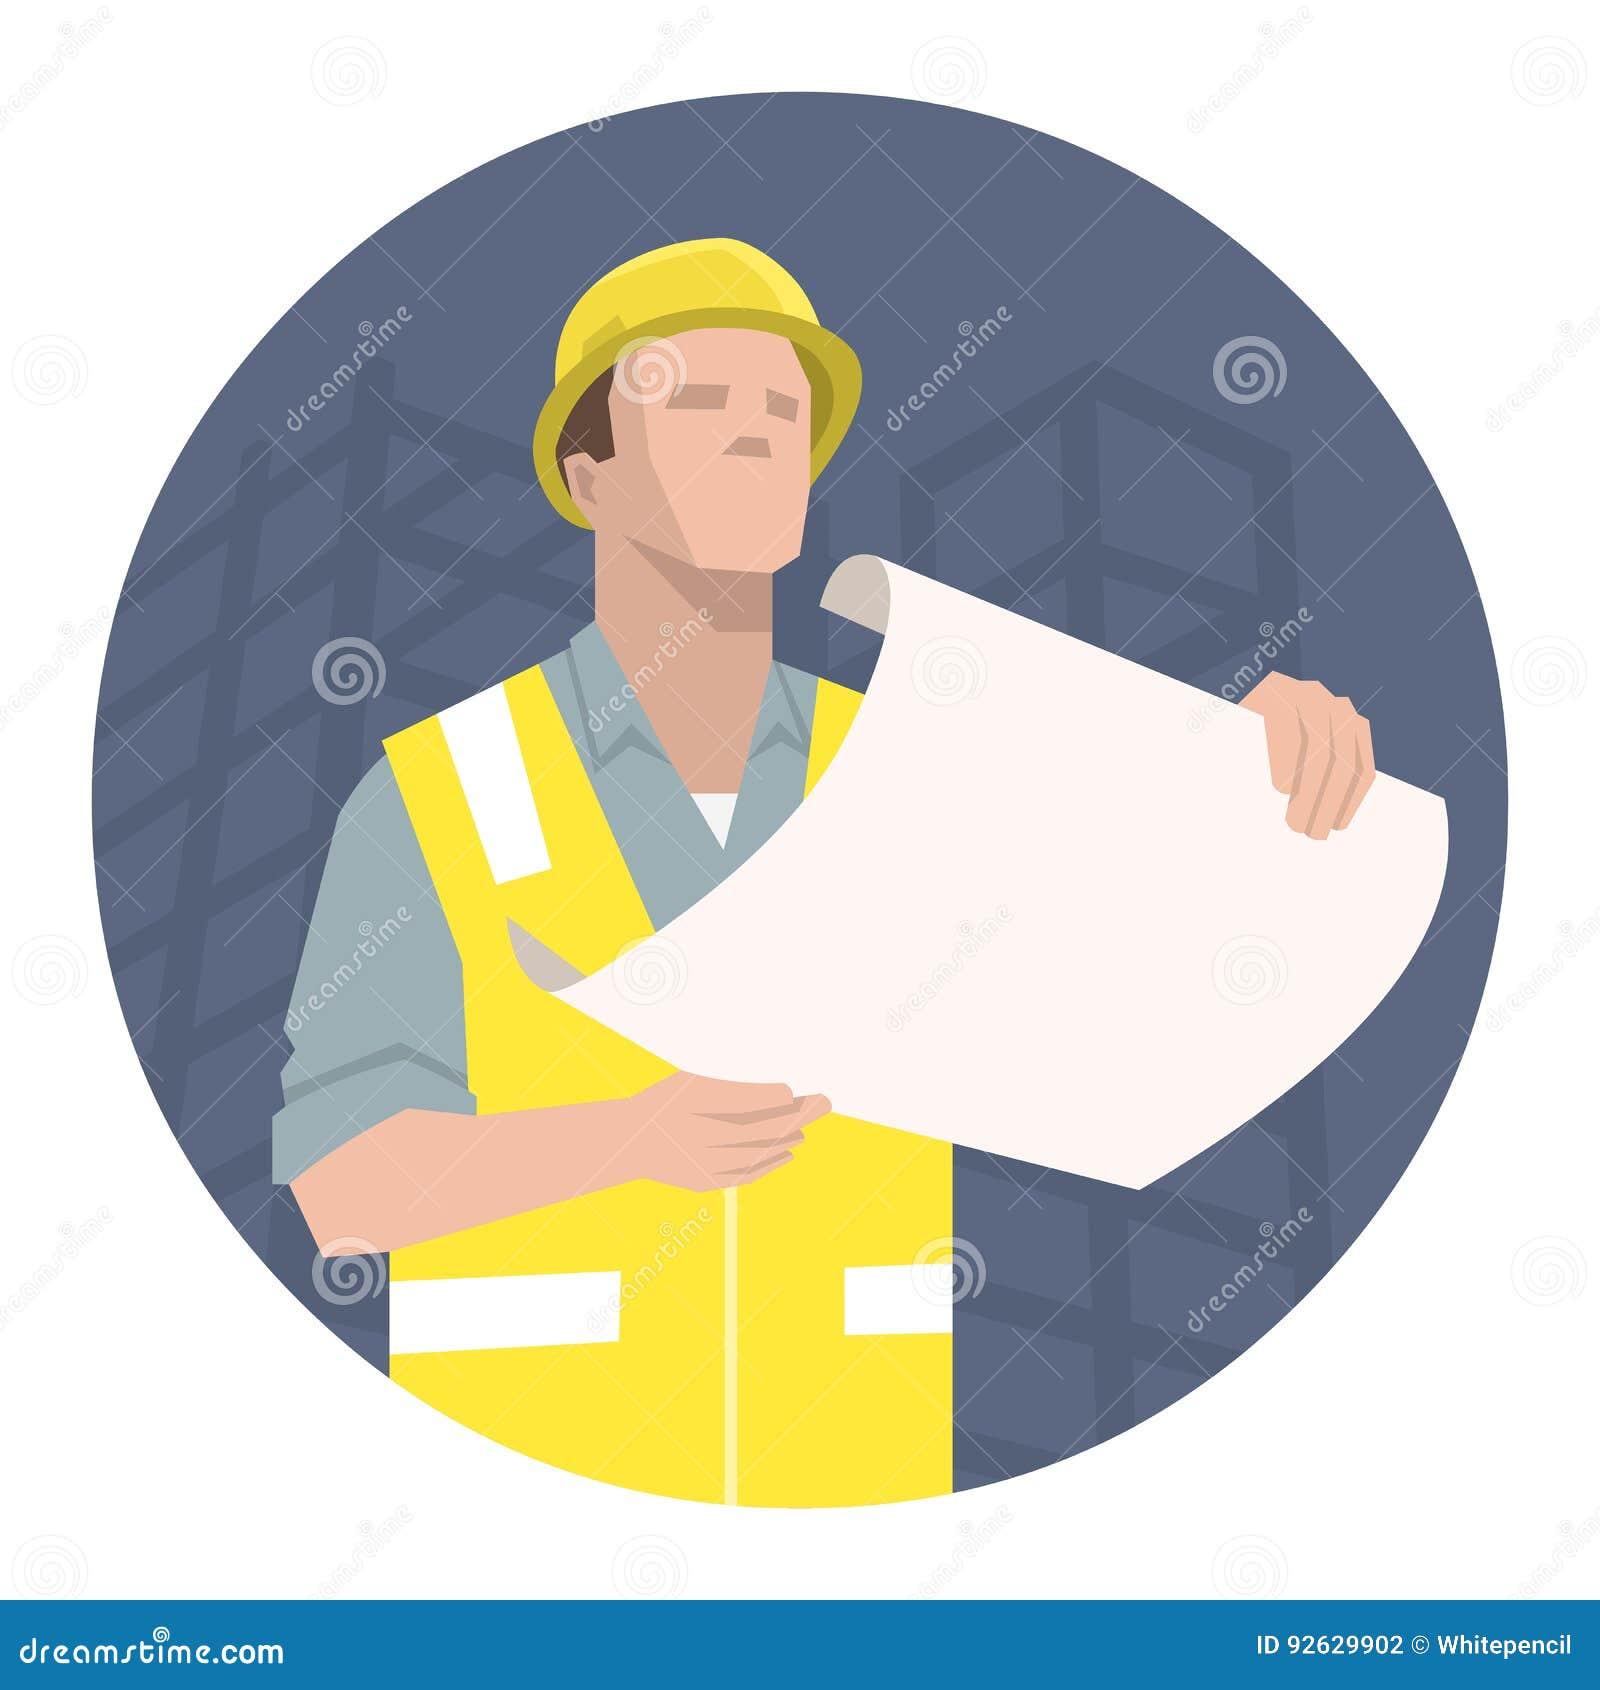 Bauarbeiter, Ingenieur oder Architekt, die den Projektplan betrachten